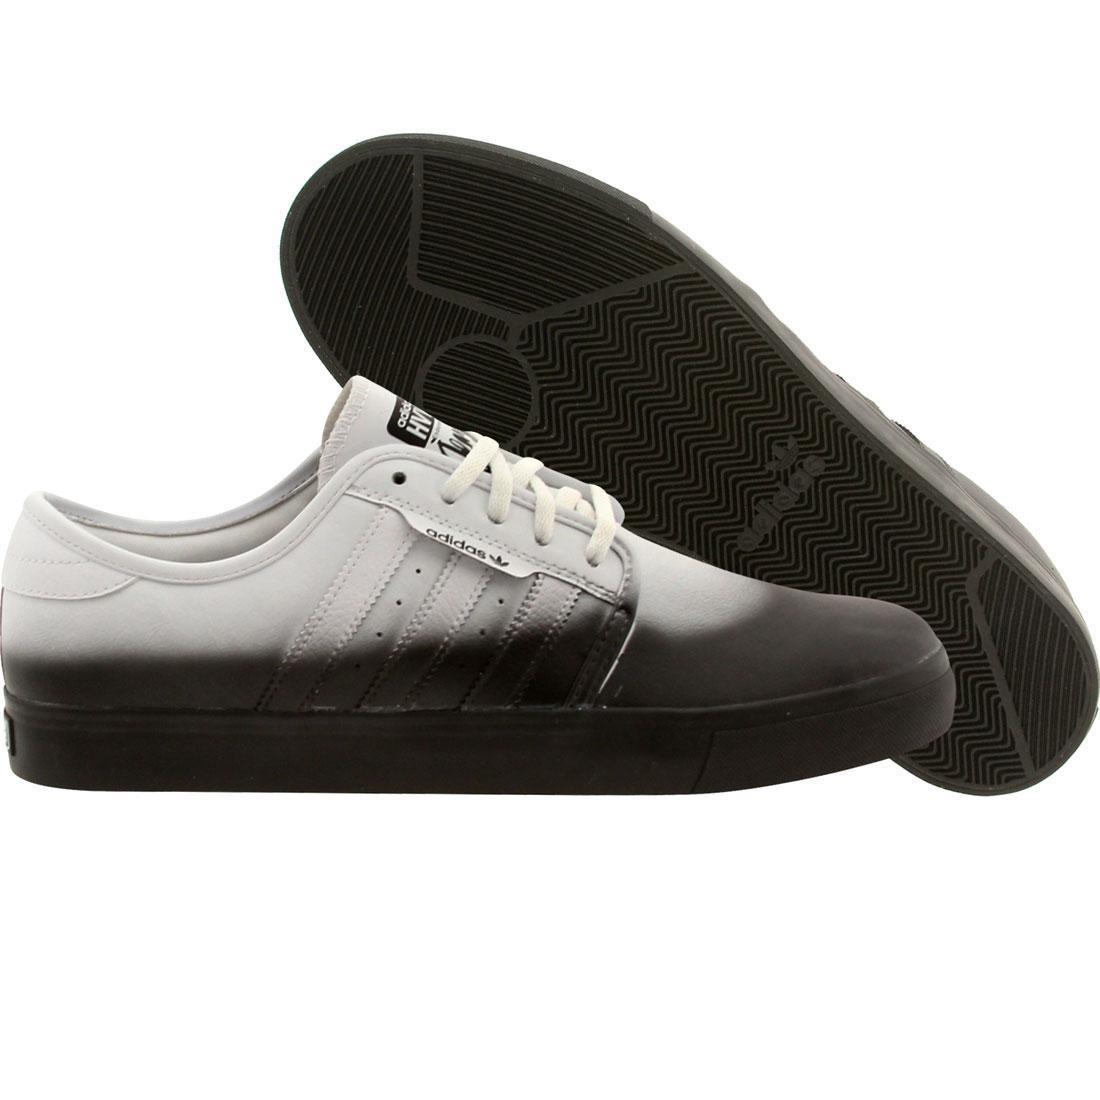 【海外限定】アディダス スケート 白 ホワイト スニーカー メンズ靴 【 ADIDAS SKATE WHITE X HVW8 MEN SEELEY BLACK 】